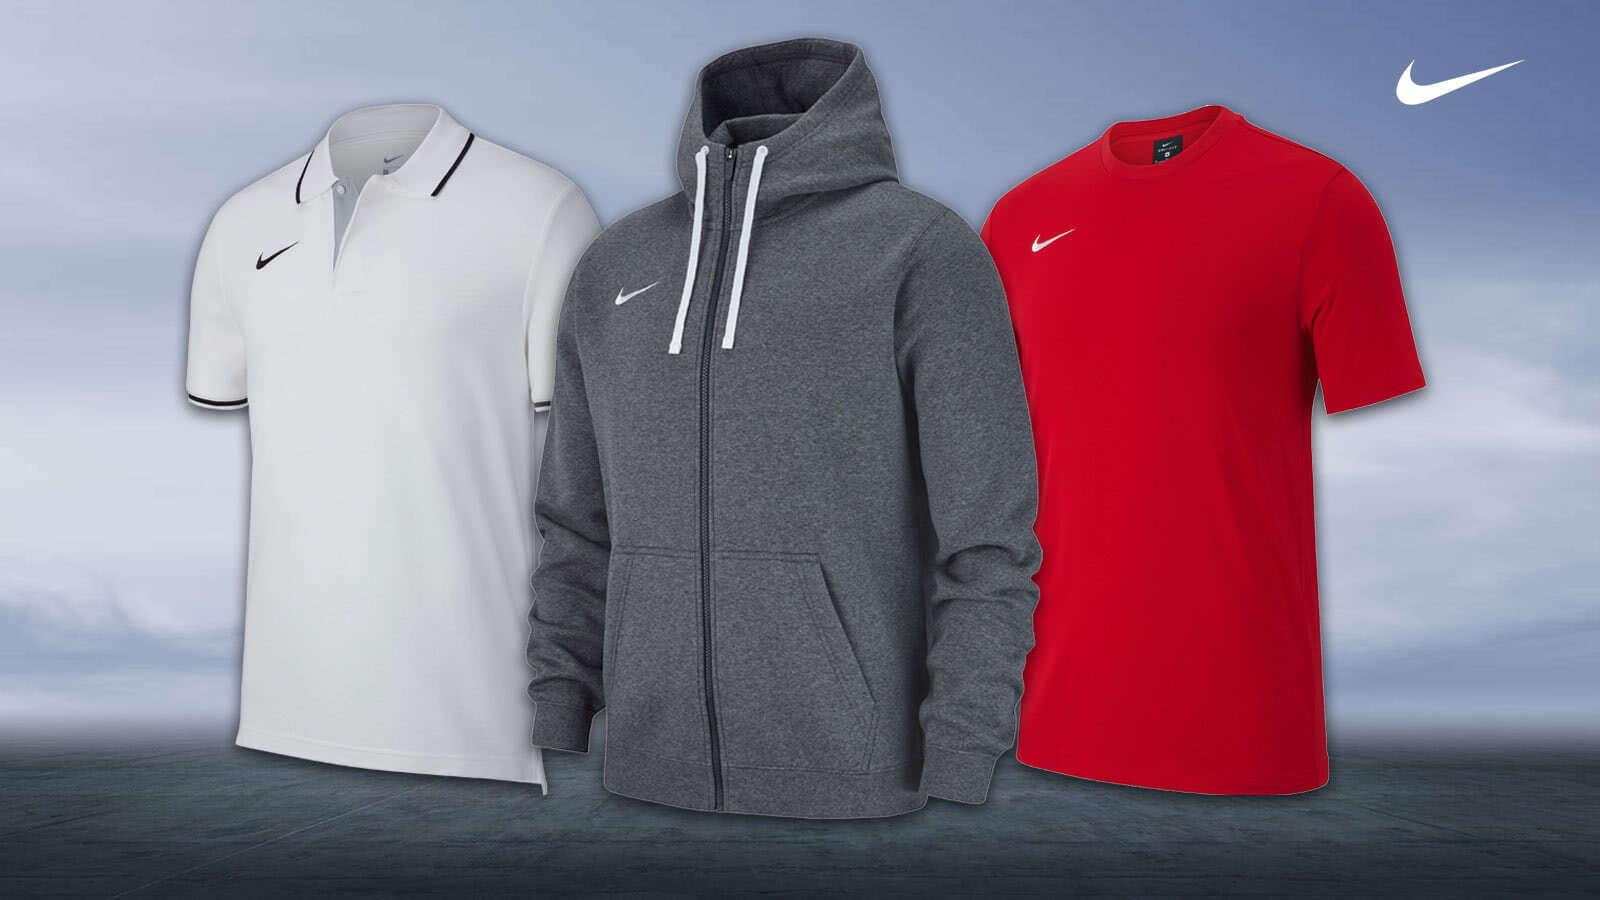 Nike Academy 19 Trainingsbekleidung und Sportartikel im Shop günstig bestellen